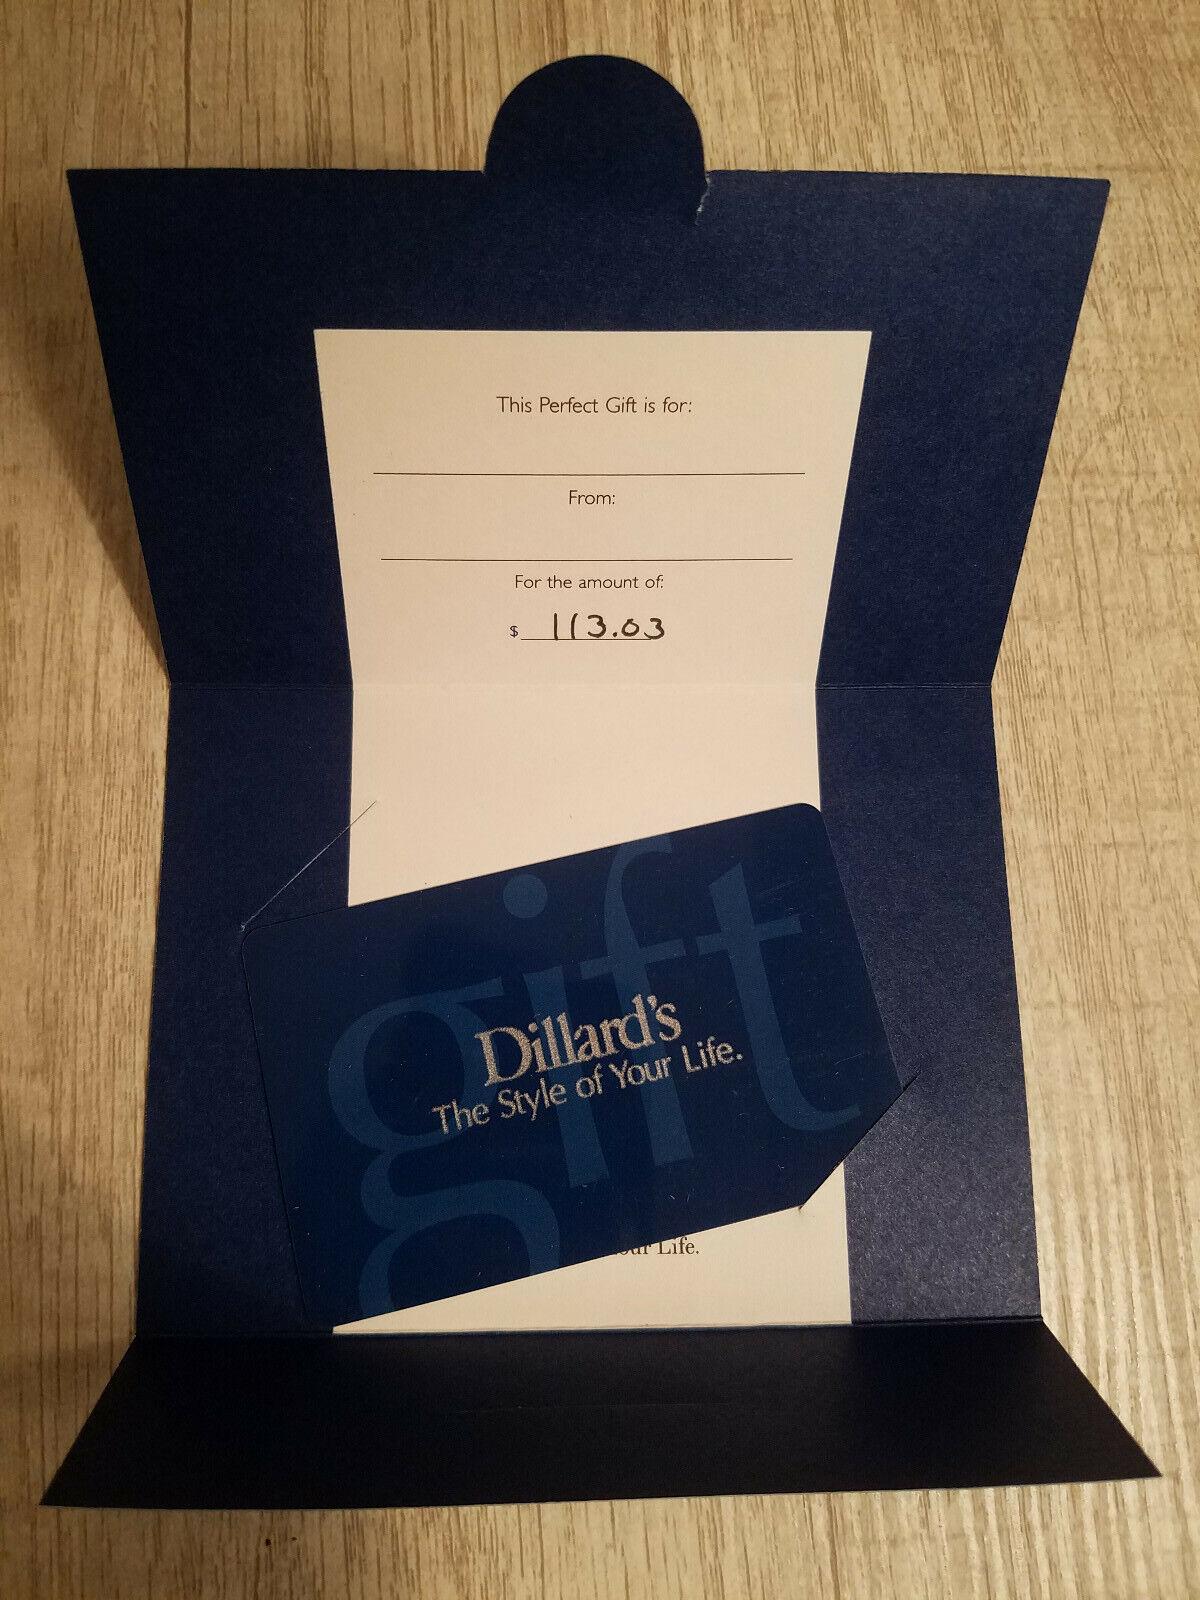 Dillard s Gift Card 113.03 - $103.00